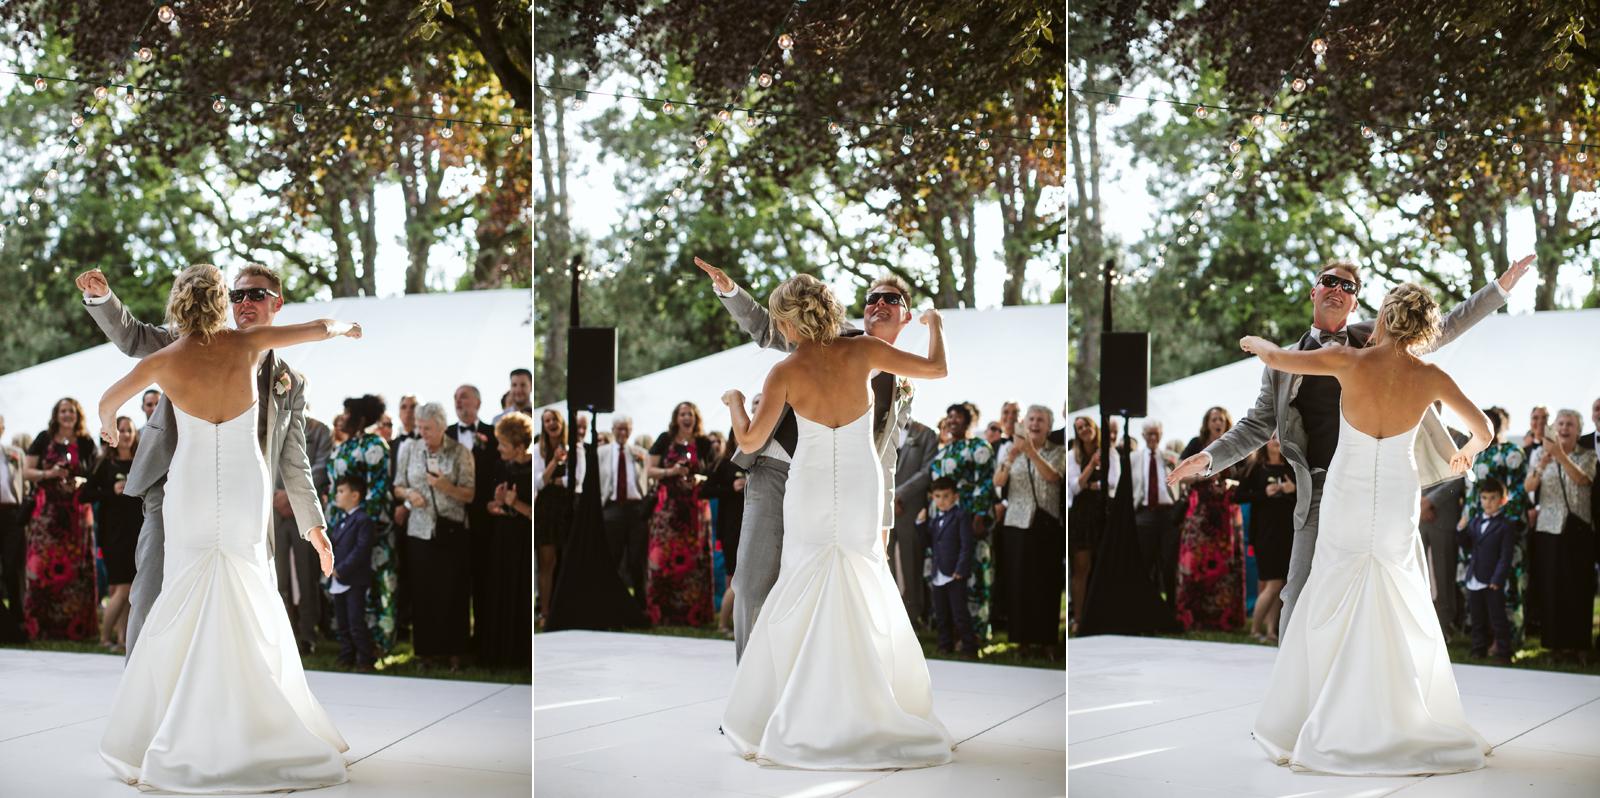 143-daronjackson-gabby-alec-wedding.jpg